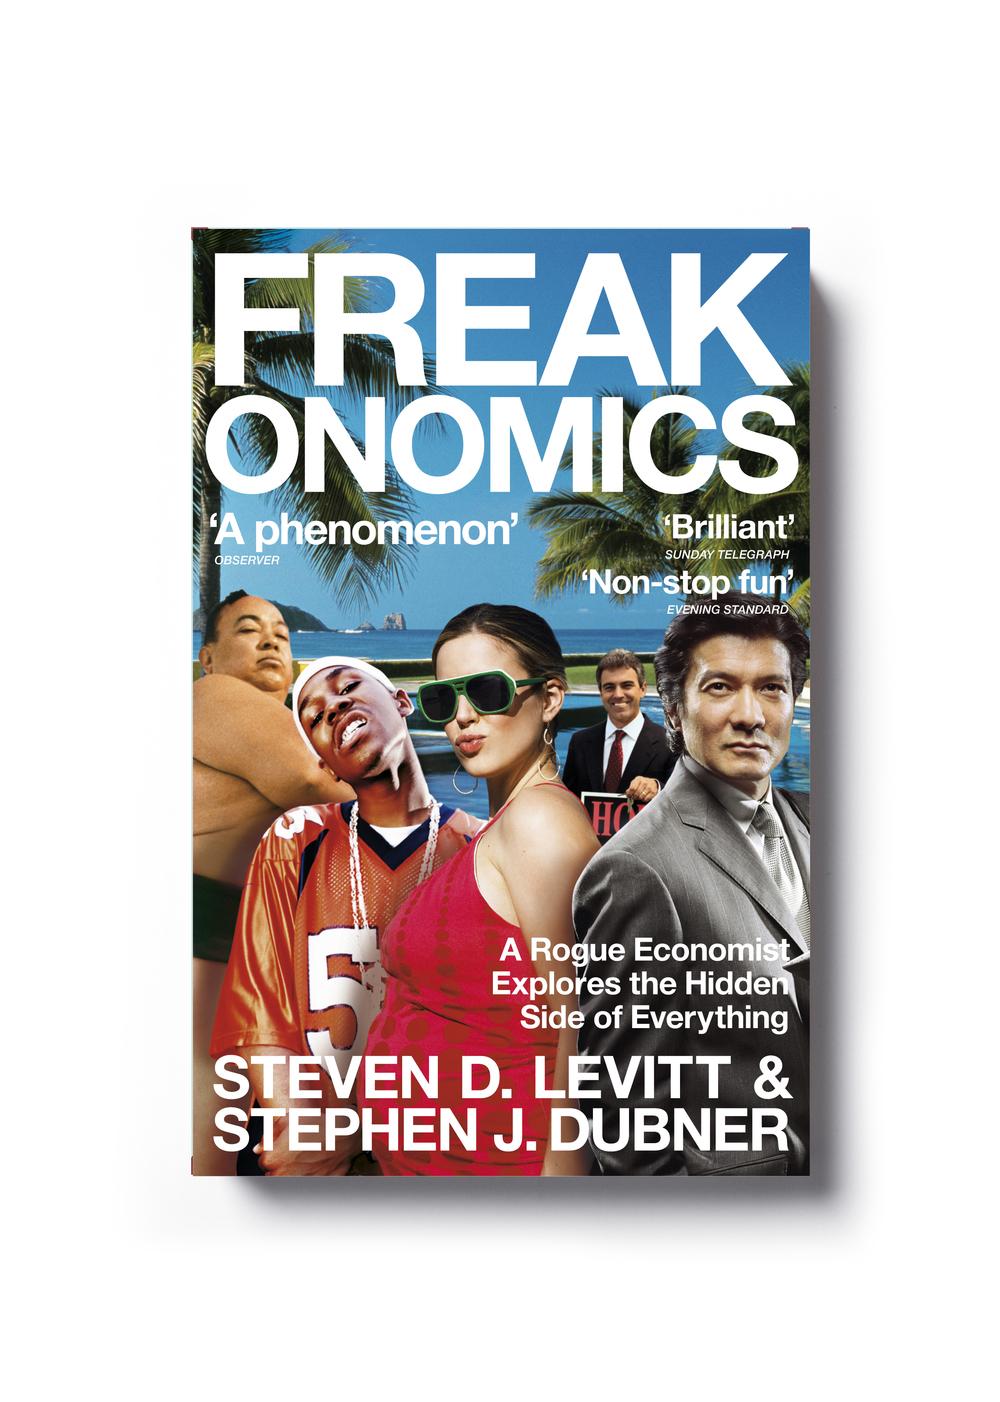 Freakonomics by Steven D. Levitt & Stephen J. Dubner (paperback) - Art Direction: Jim Stoddart Design: Root Design